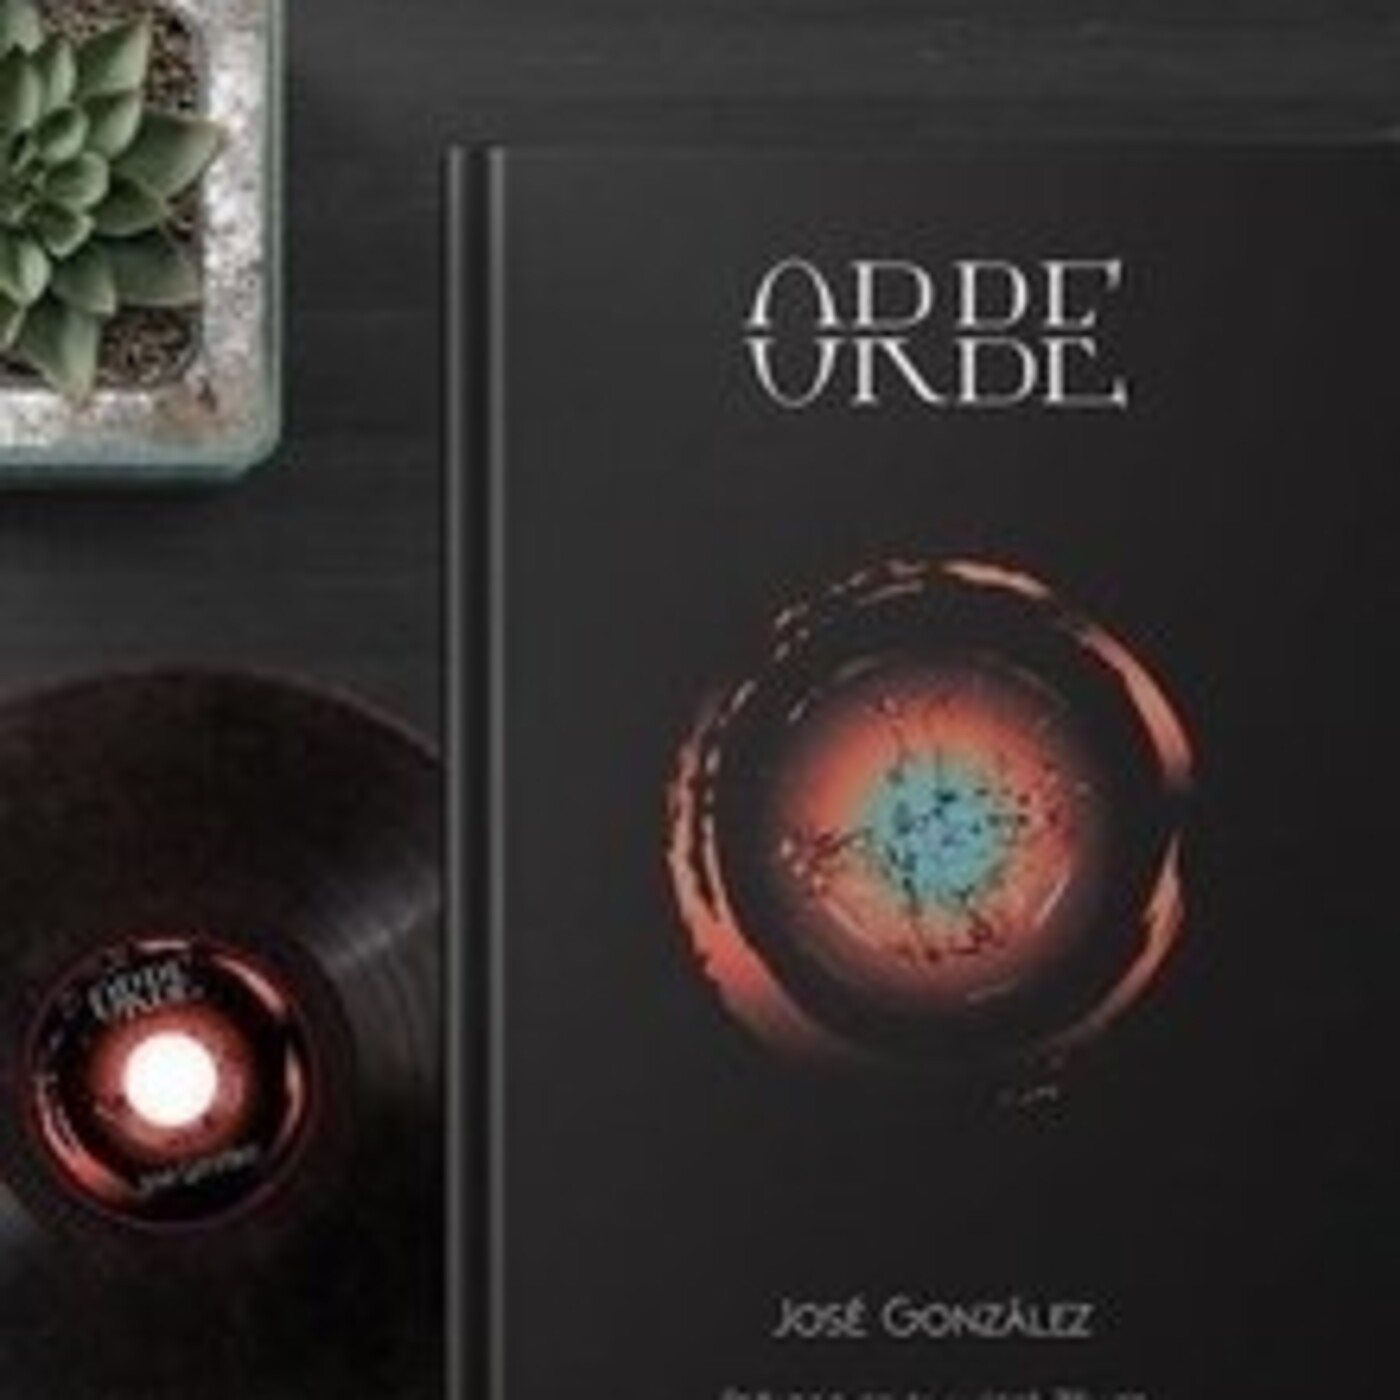 Entrevista José González - Orbe